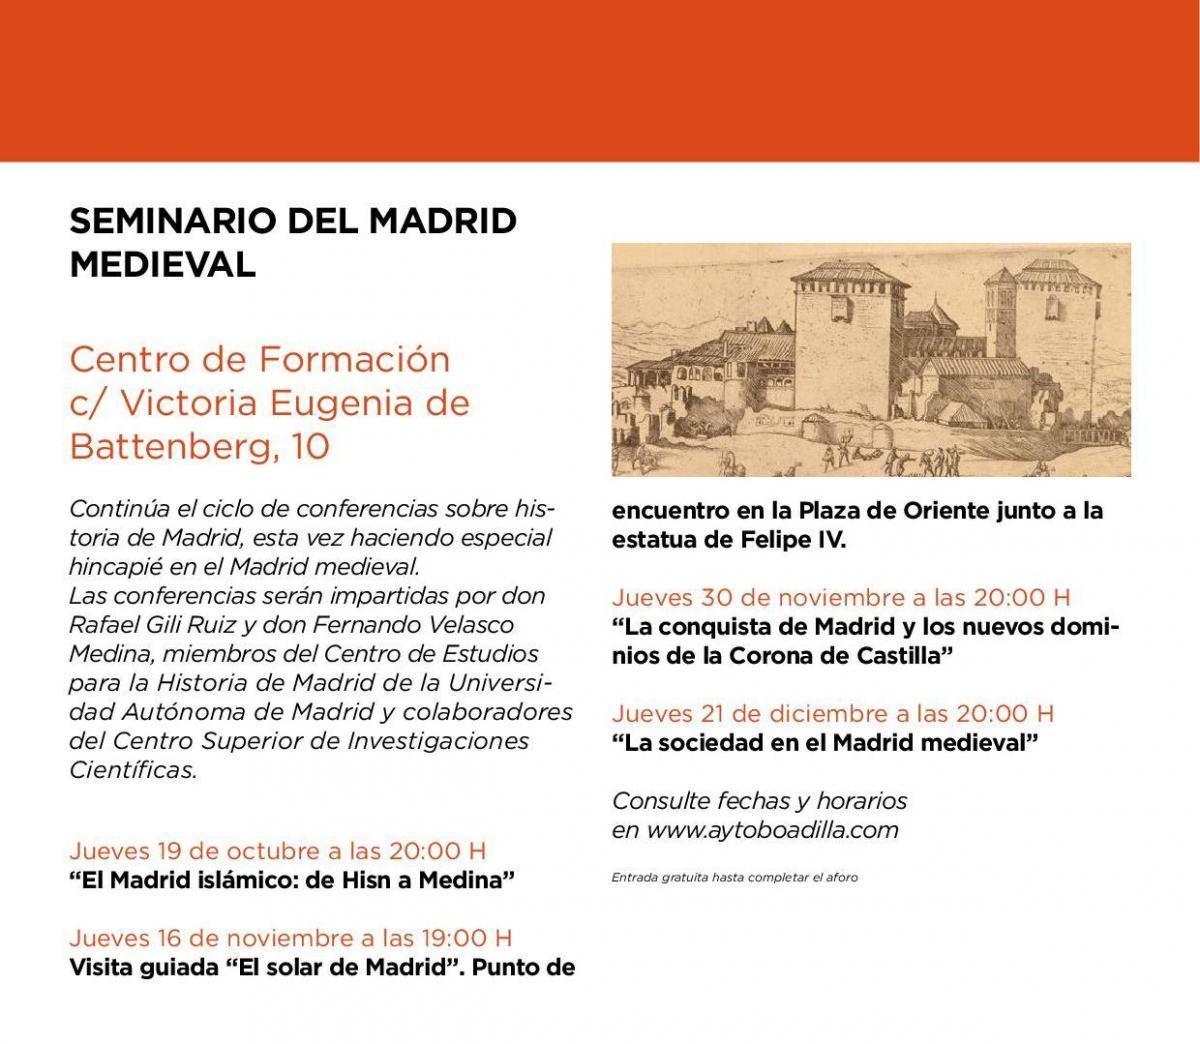 Seminario del Madrid Medieval